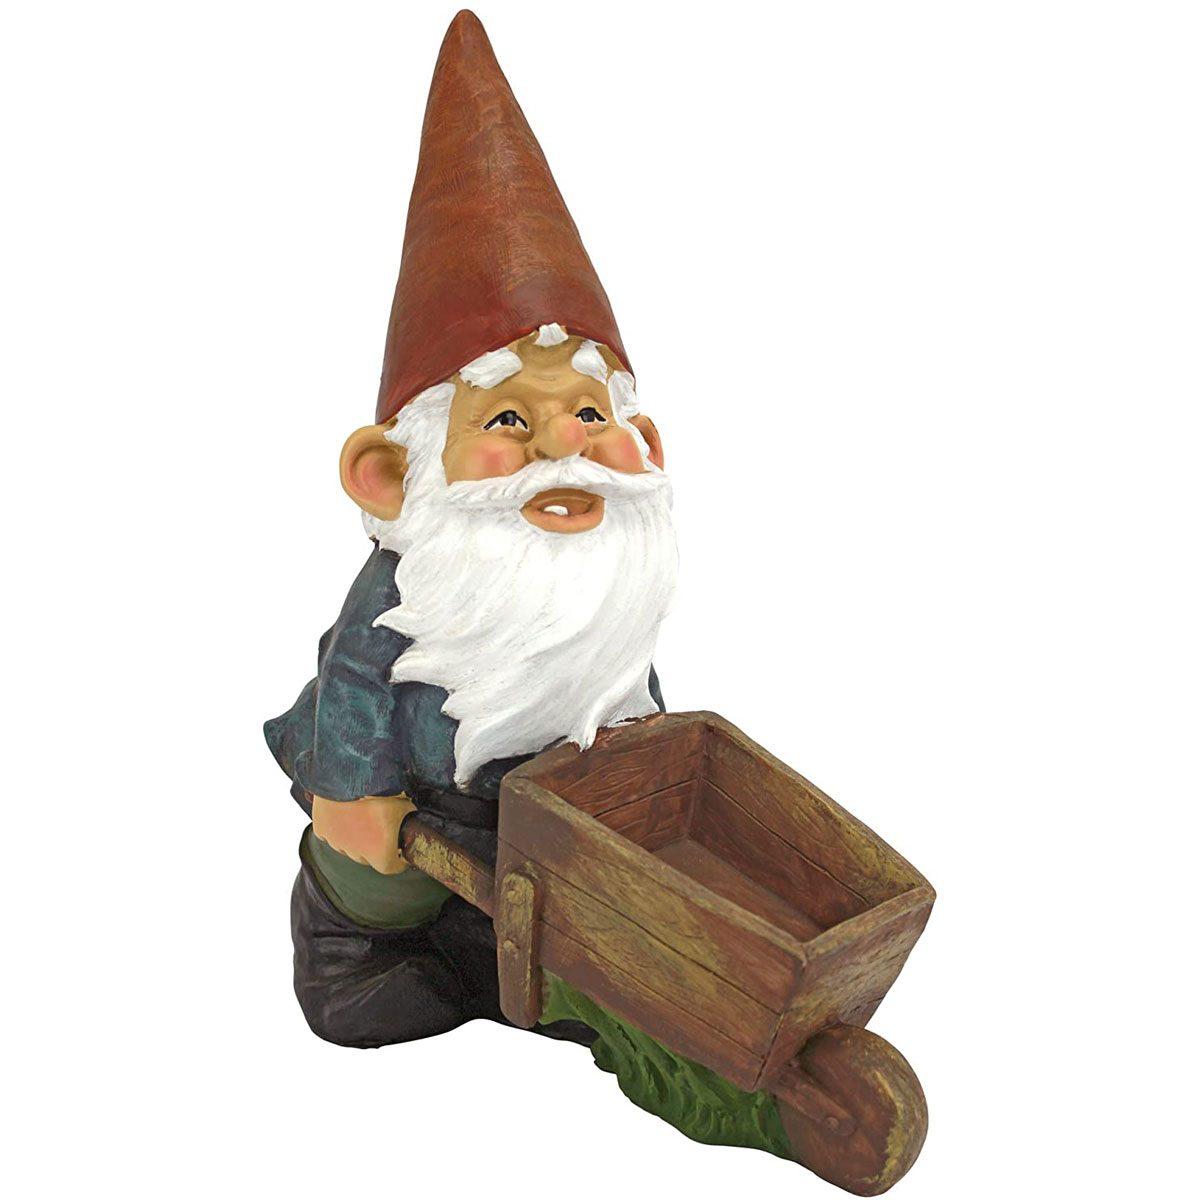 Garden gnome with a wheelbarrow